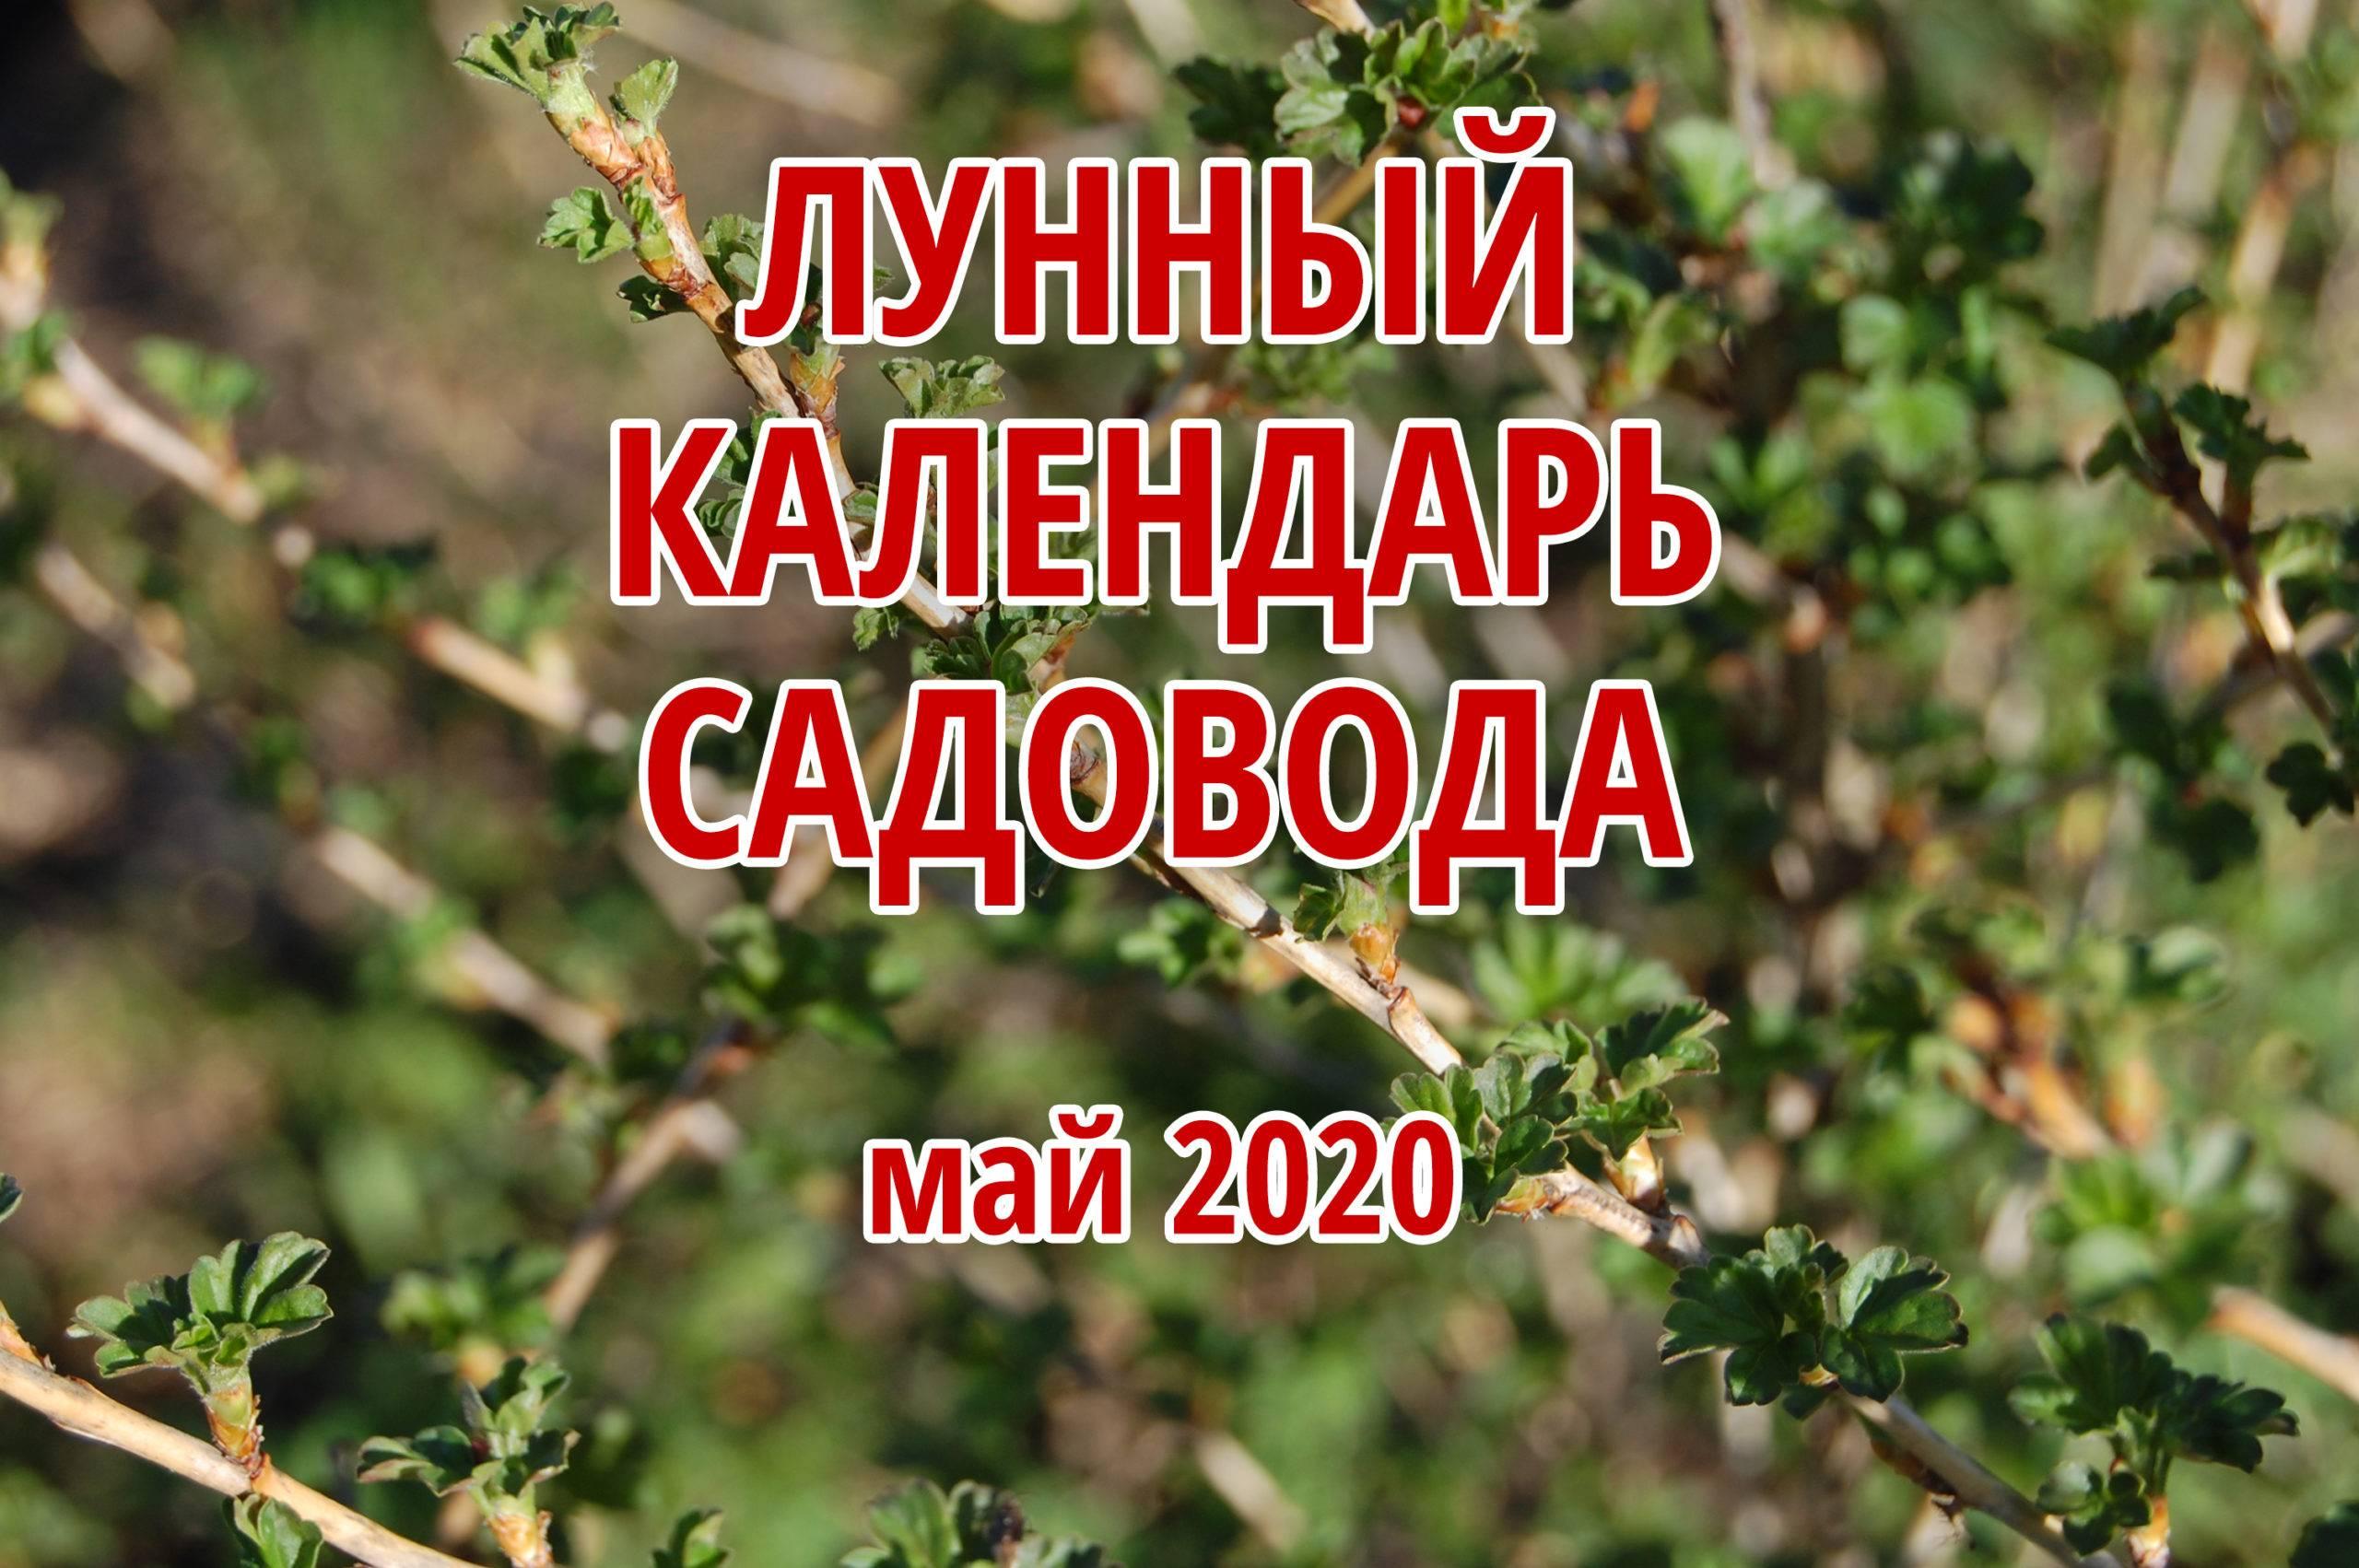 Благоприятные дни для посадки огурцов в открытый грунт в 2020 году по лунным фазам